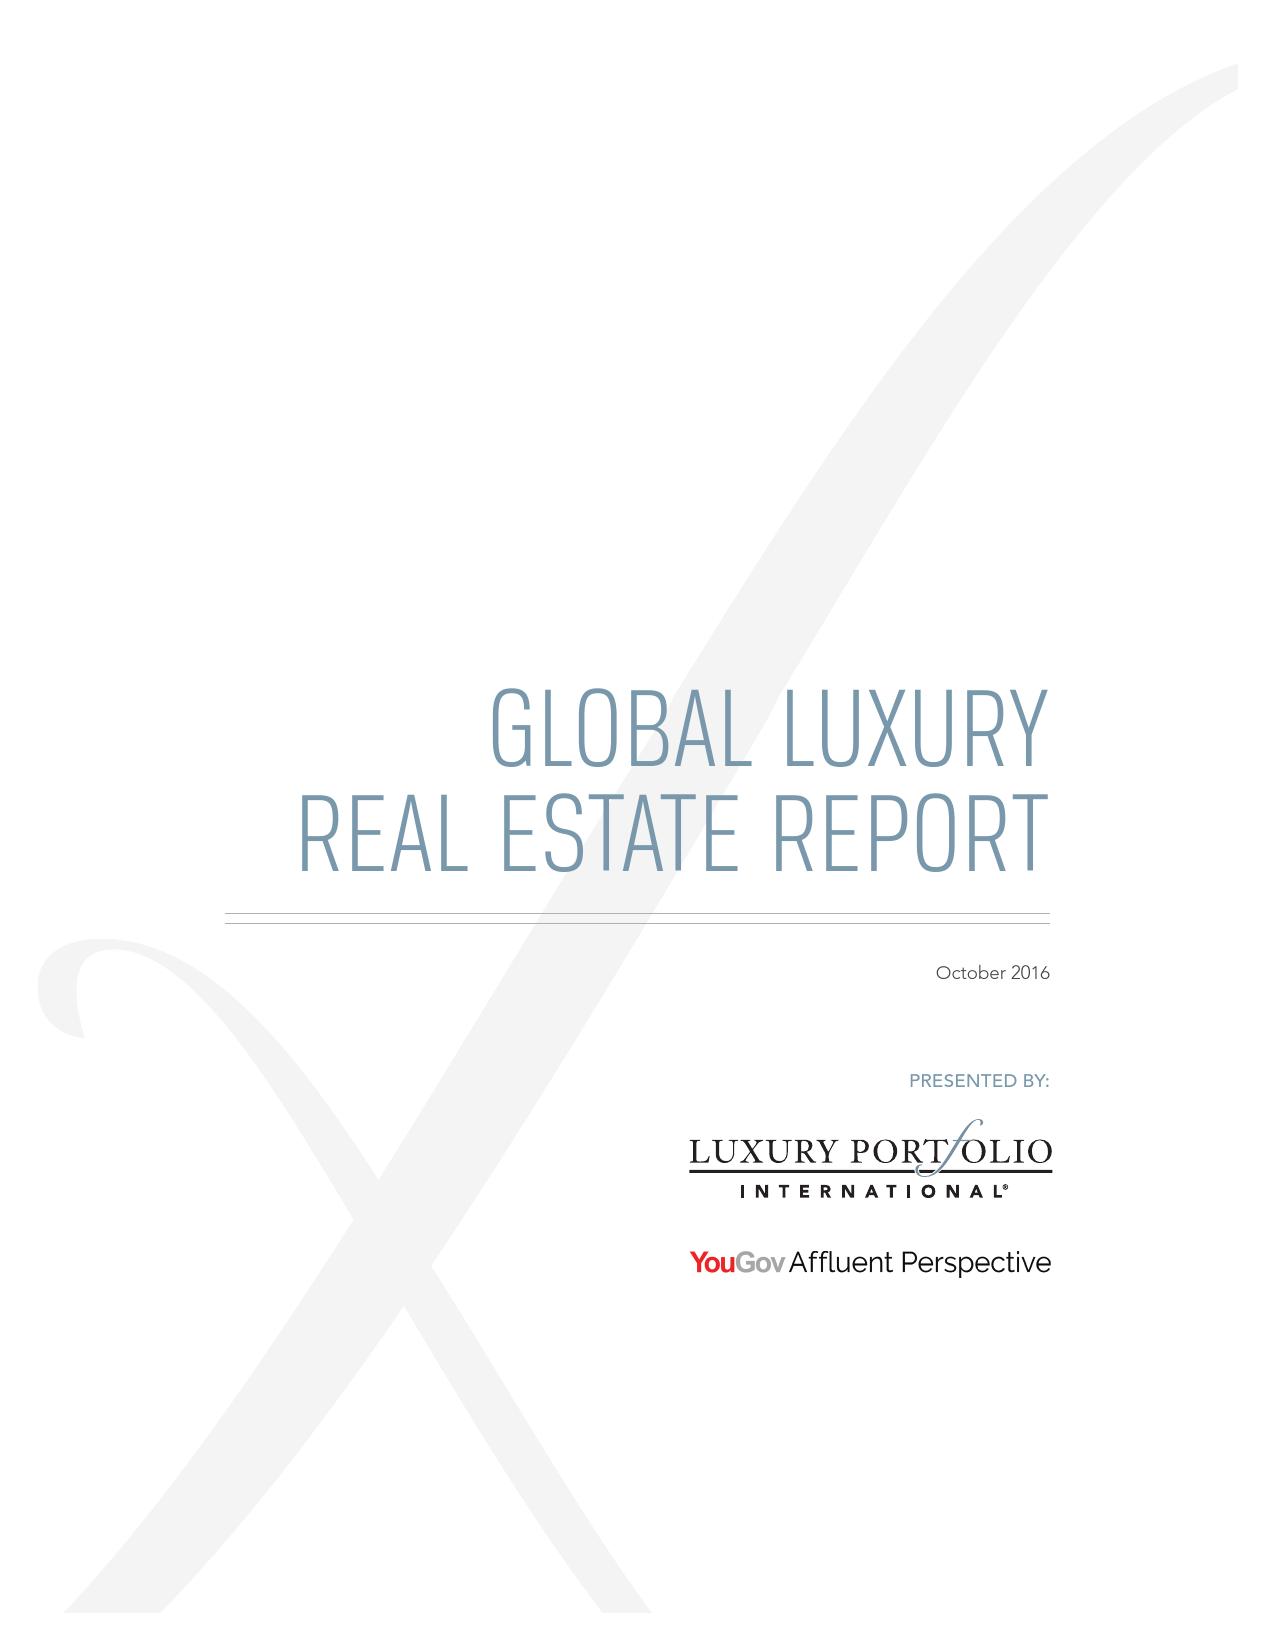 2016全球豪华房地产研究报告_000001